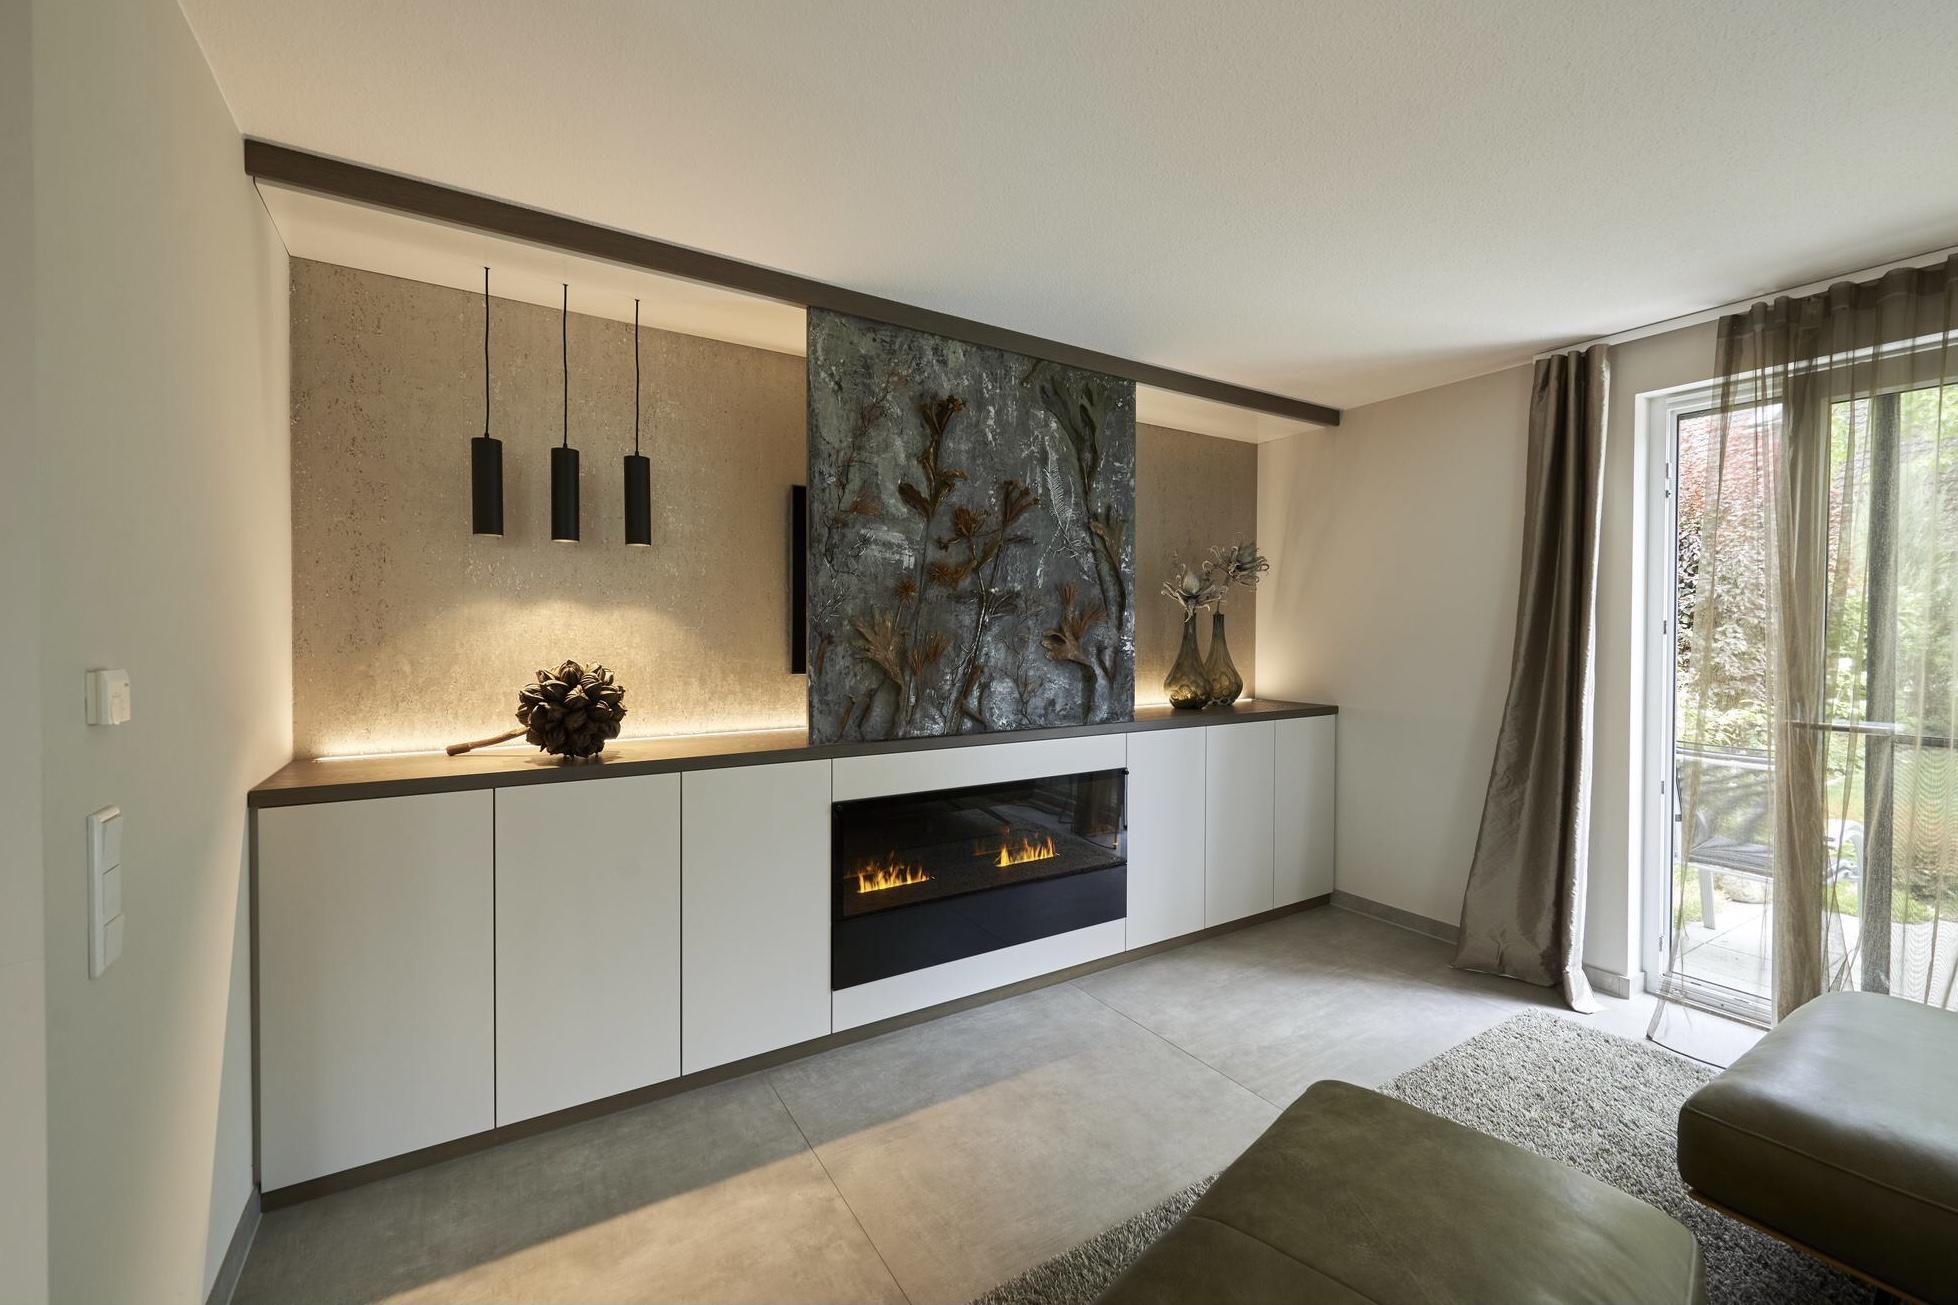 www.ideenraumgeben.de-renovierung-eines-wohnraums-mit-effektfeuer-48d3805c-a02e-4573-a300-1b89144acf6a